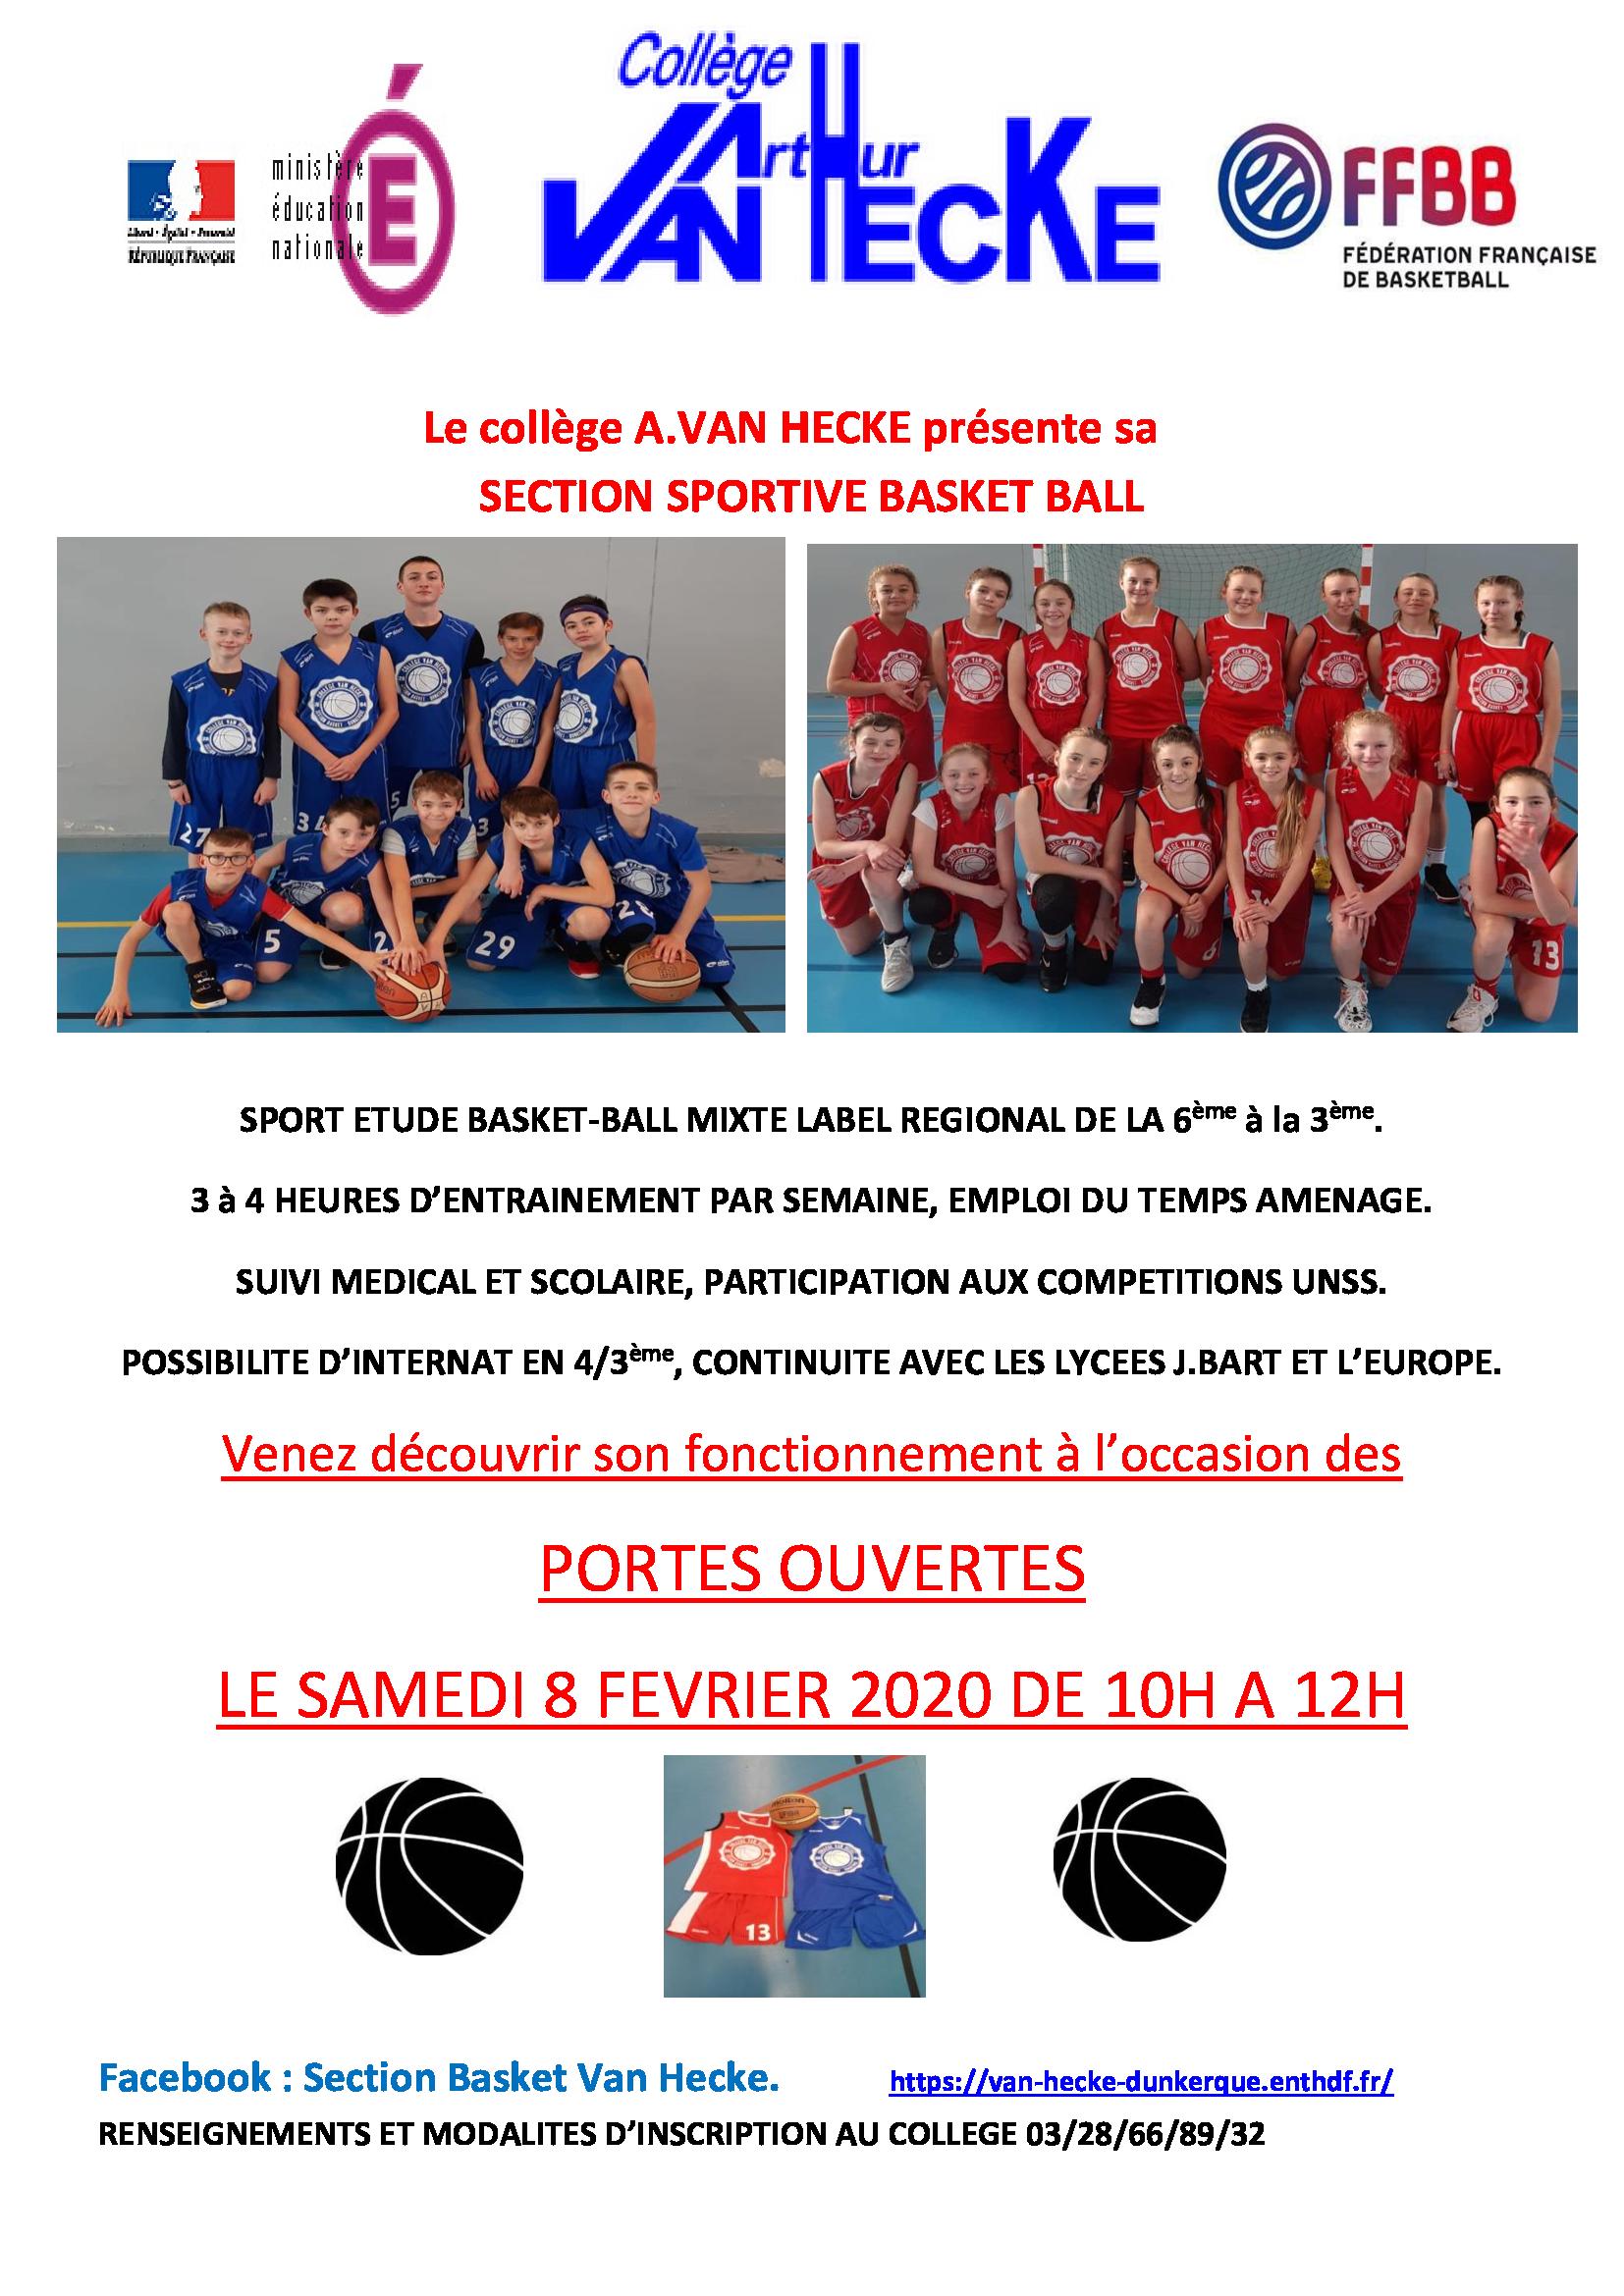 Portes Ouvertes section sportive Basket du Collège Van Hecke